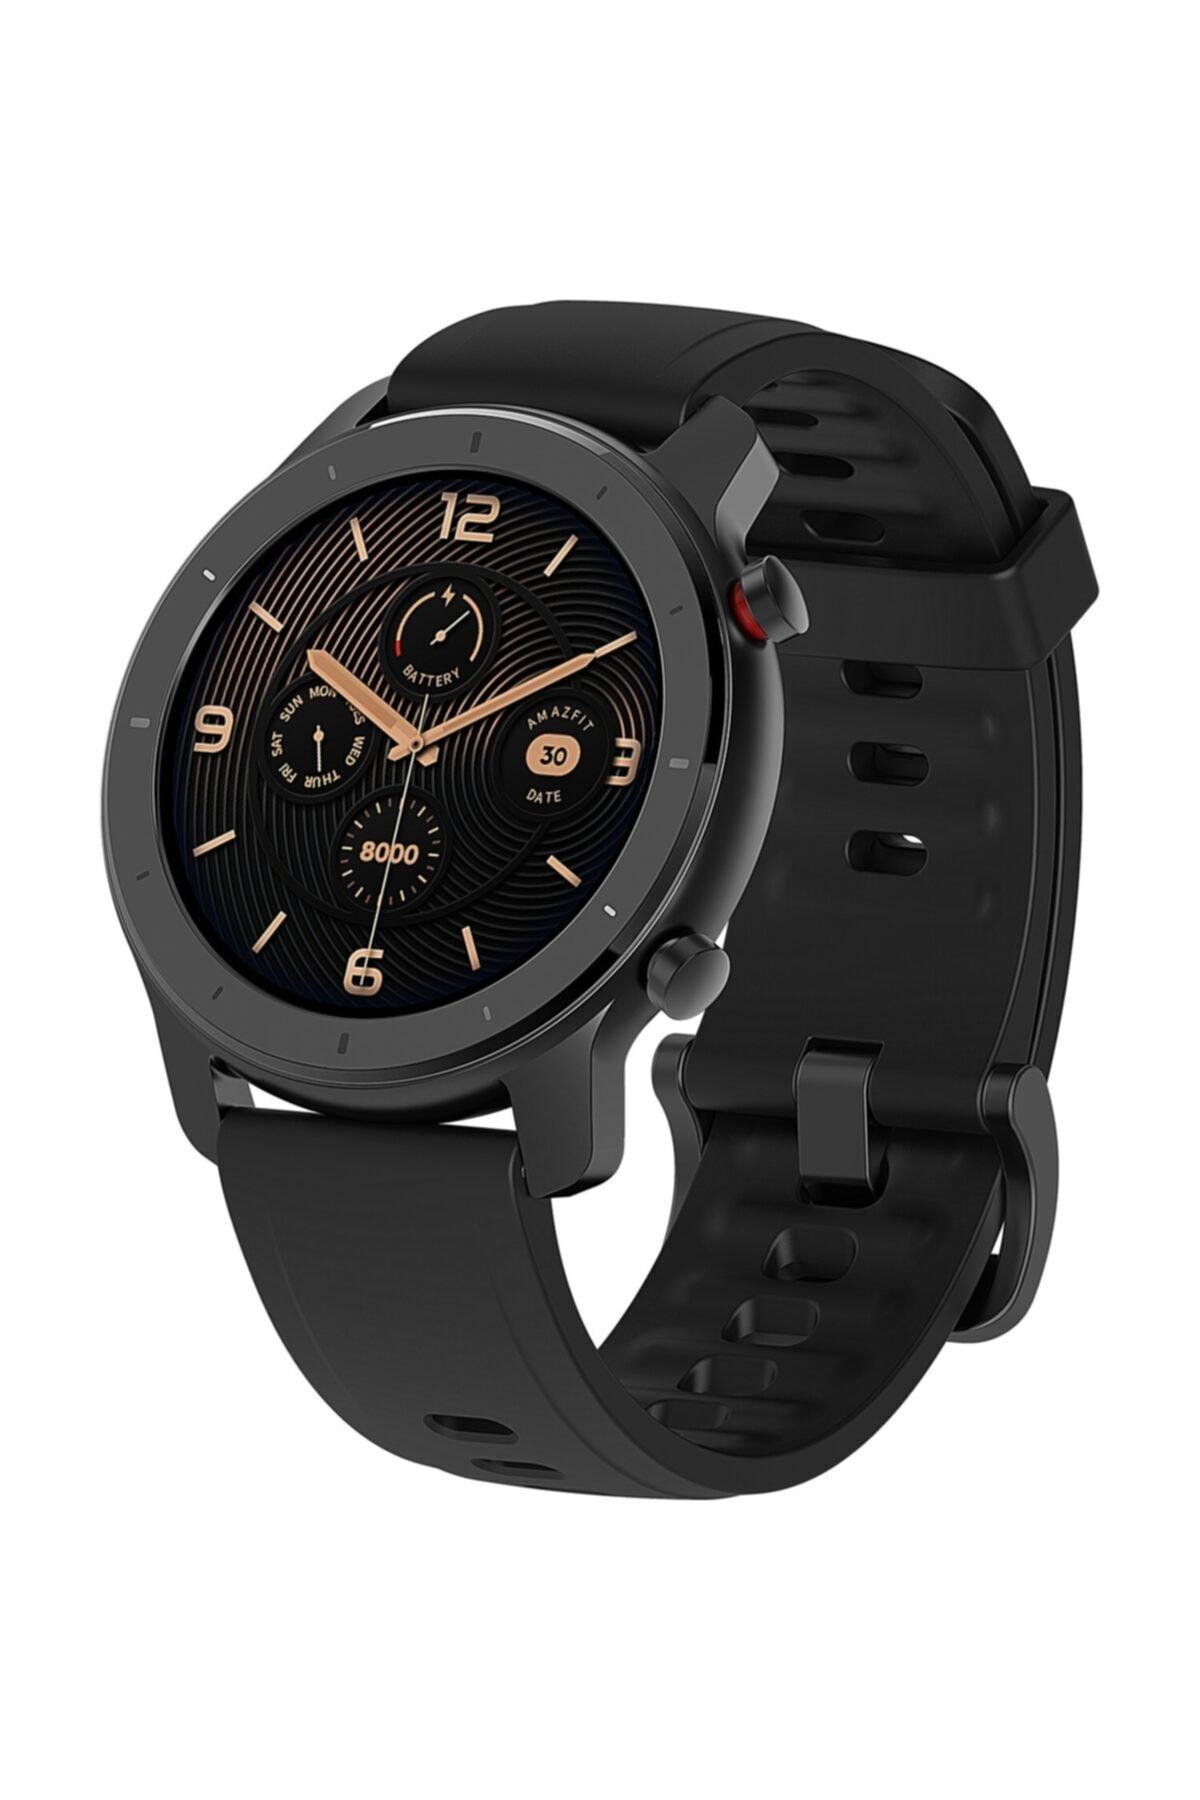 Amazfit Gtr Akıllı Saat - Distribütör Garantili